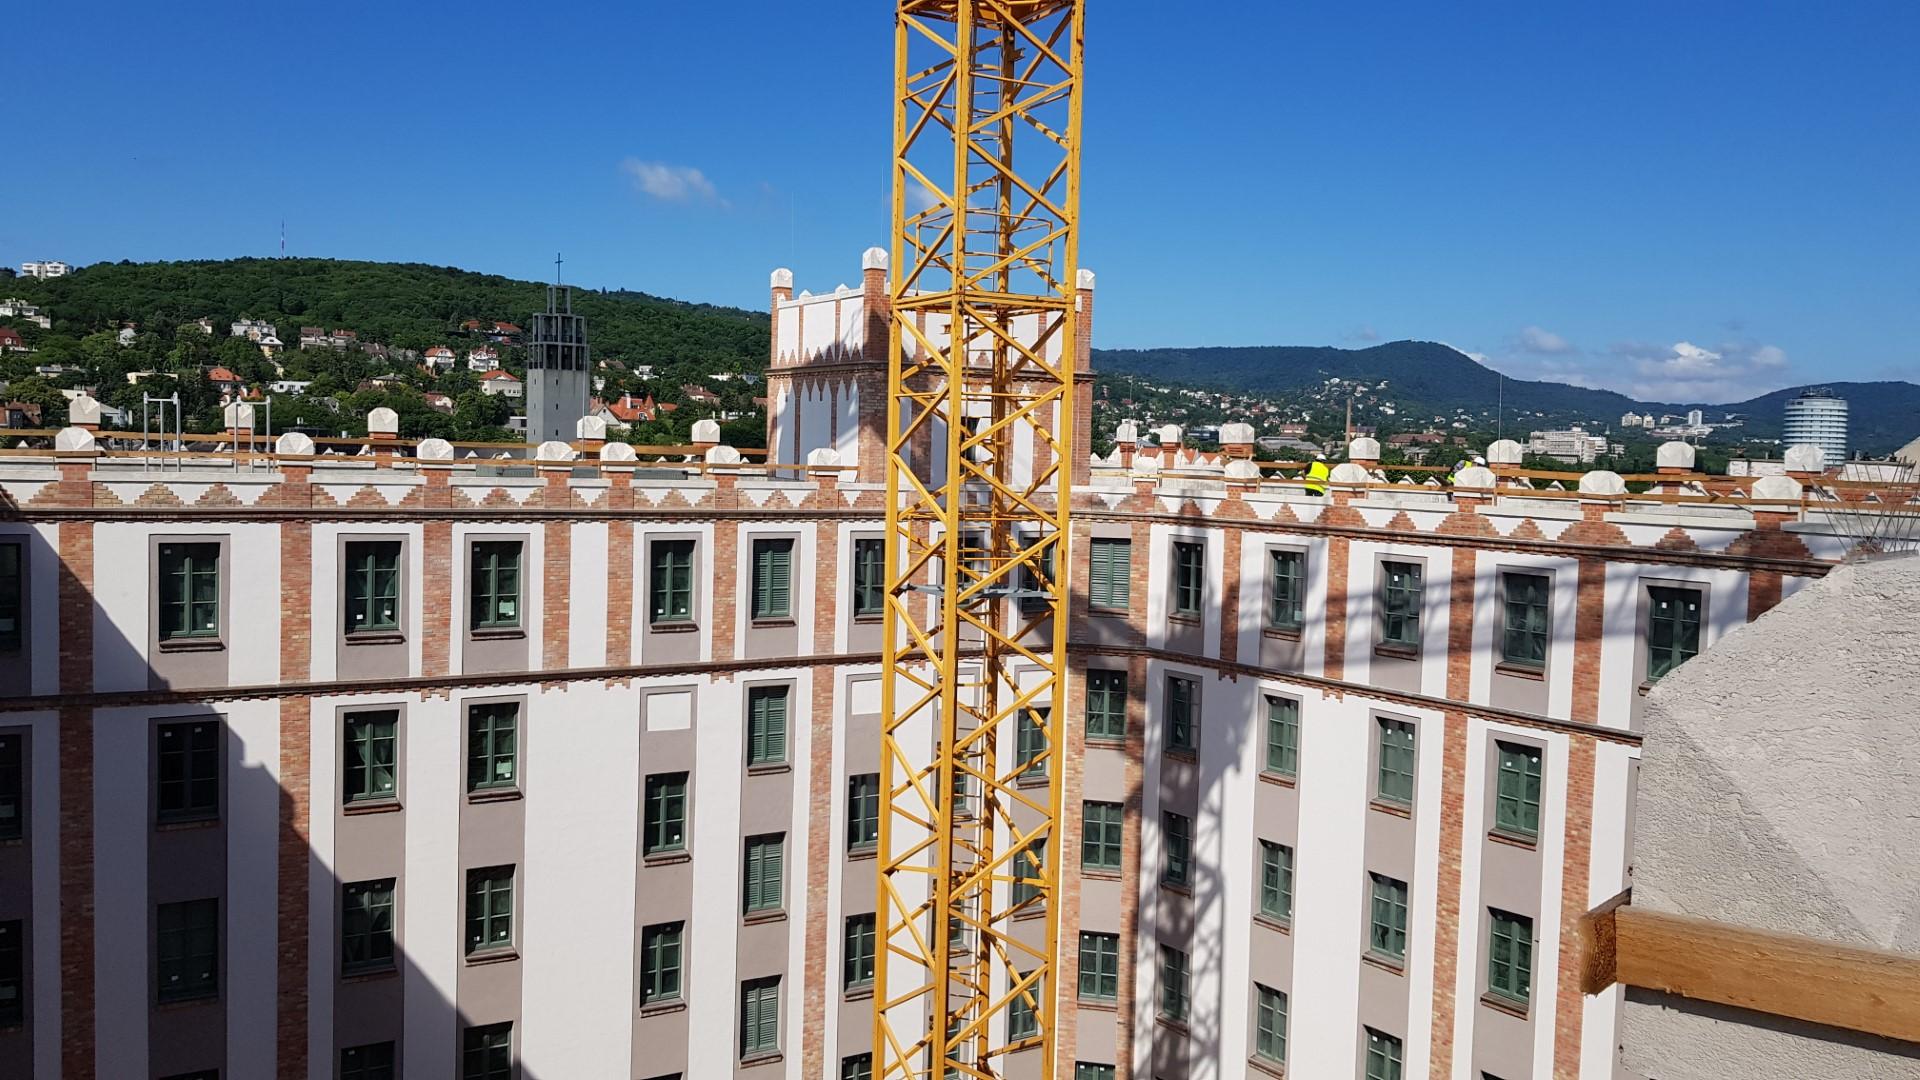 Az udvar felülről. A háttérben Árkya Aladár modern templomának tornya látszik. Érdekesség, hogy Árkay és Sándy egy évben születtek: 1868-ban.